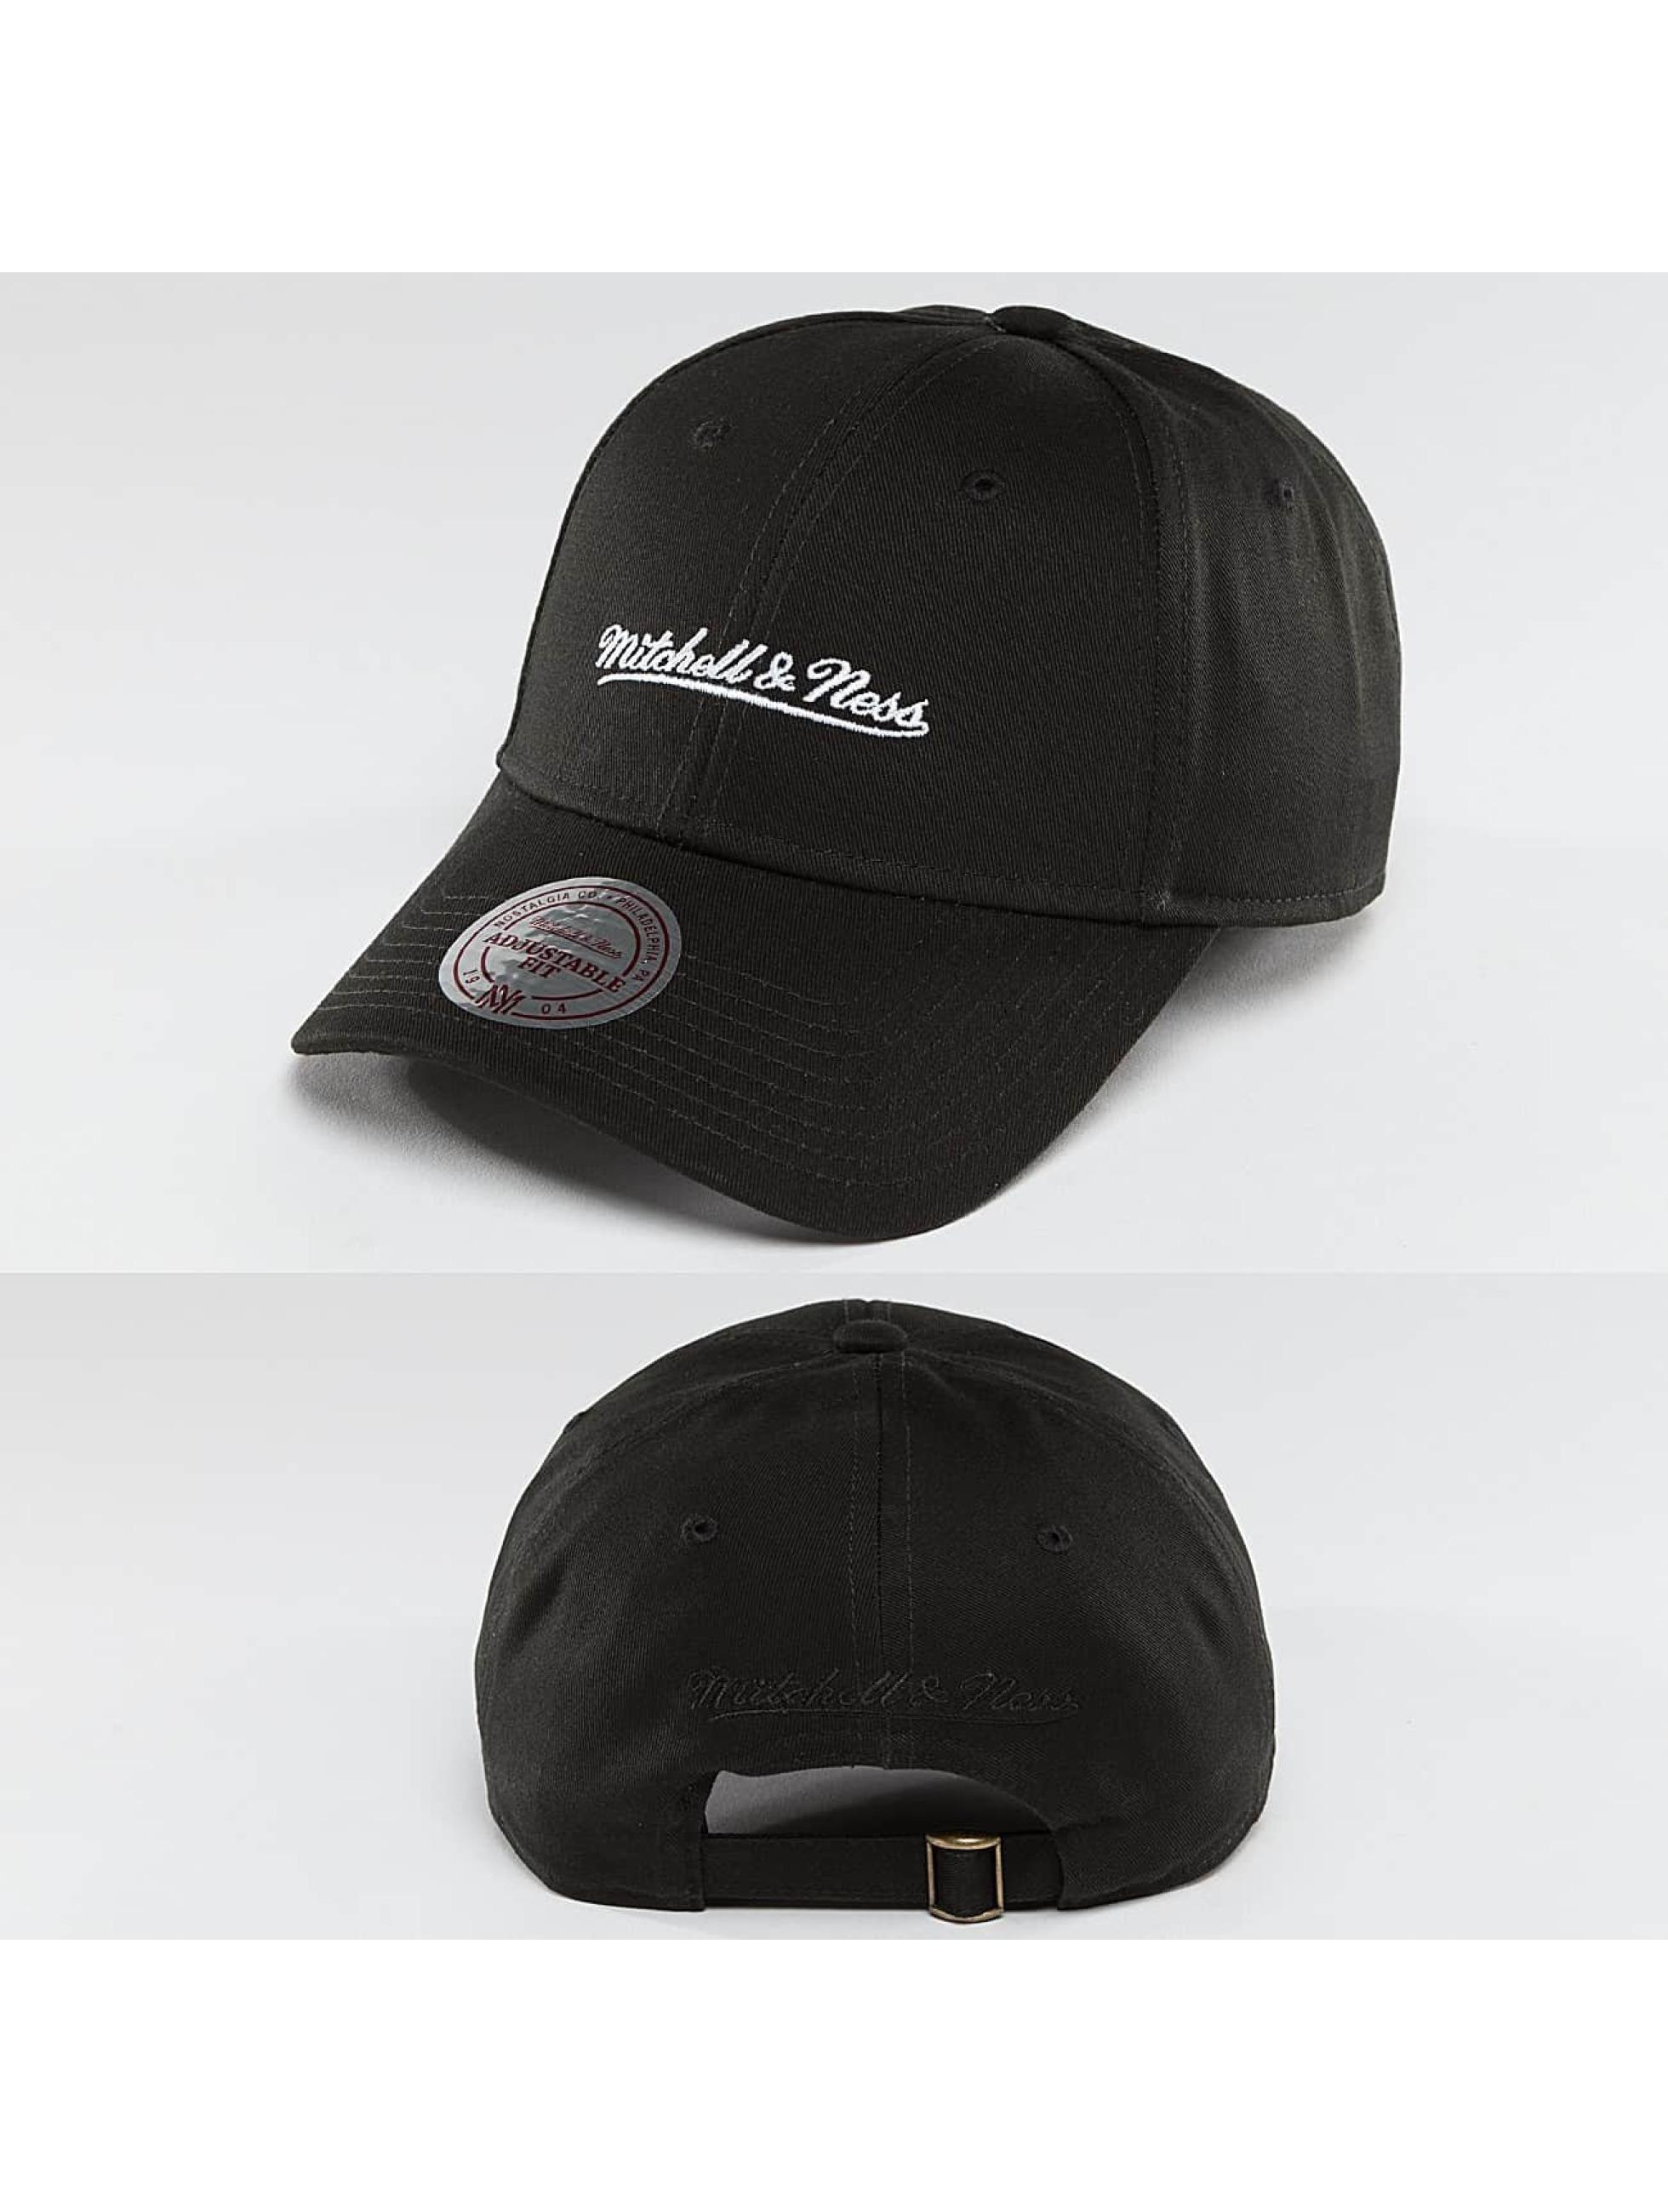 Mitchell & Ness Männer,Frauen Snapback Cap Team Logo Low Pro Strapback in schwarz